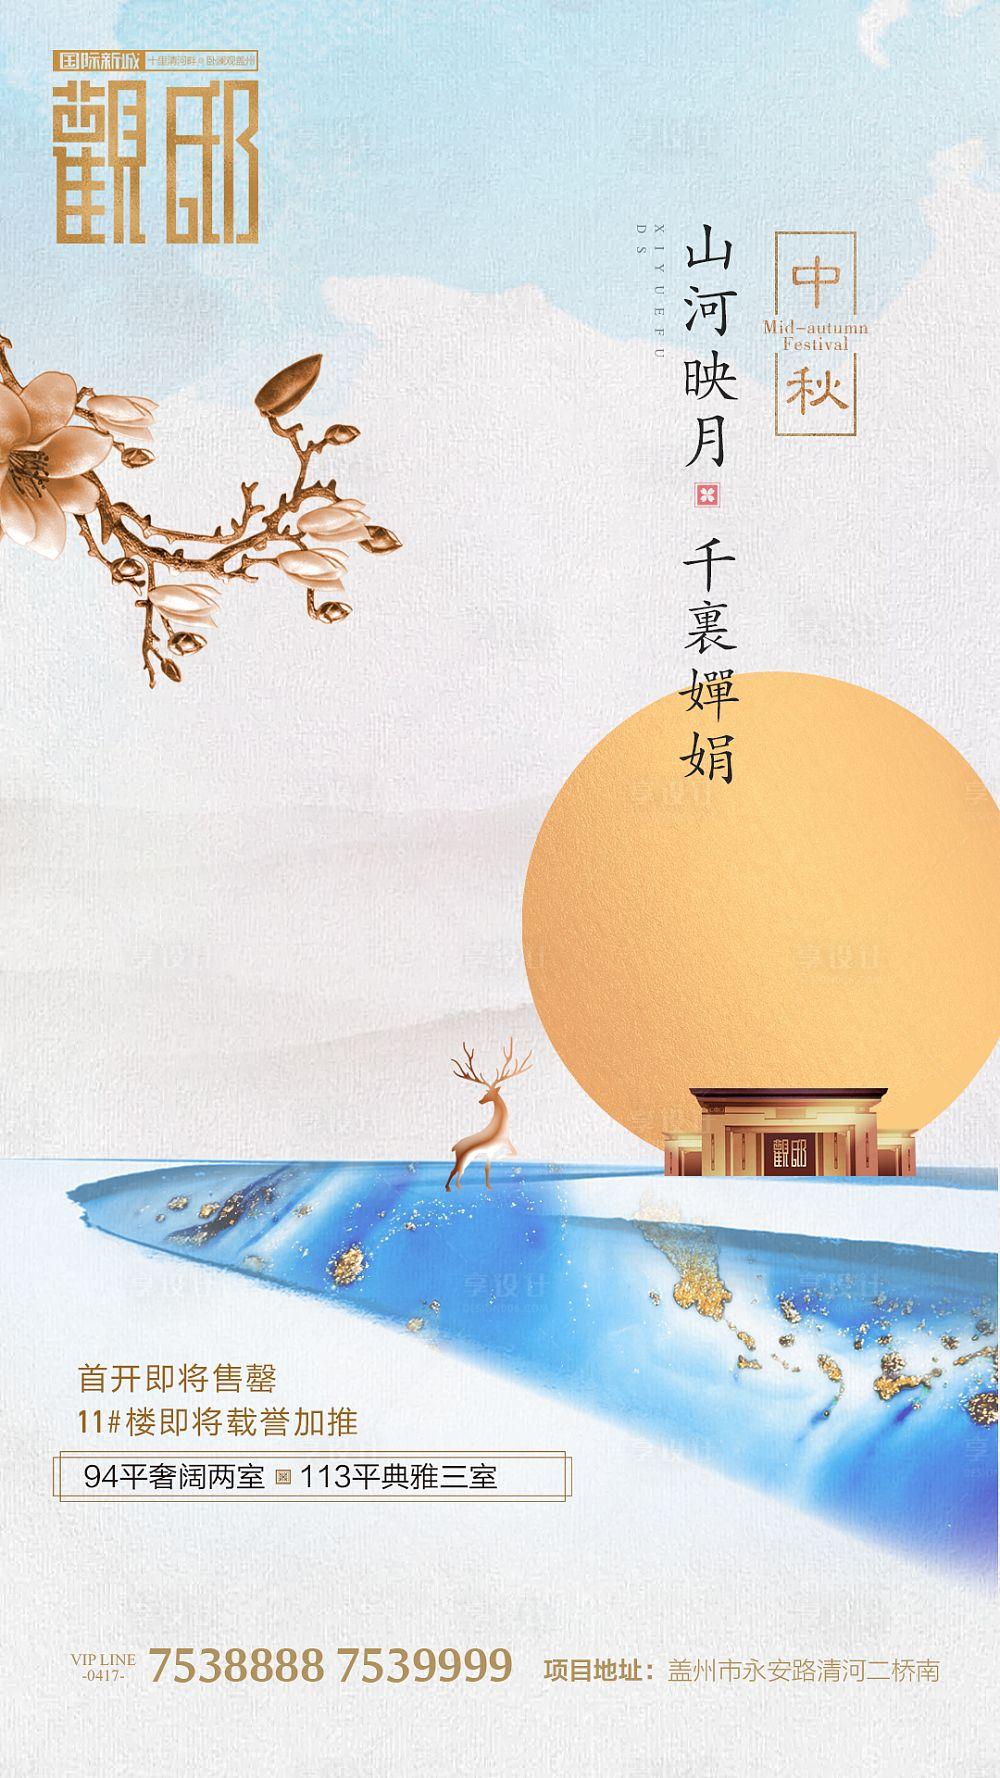 【源文件下载】 海报 房地产 中秋节 中国传统节日 月亮 大气 古典 中式 意境